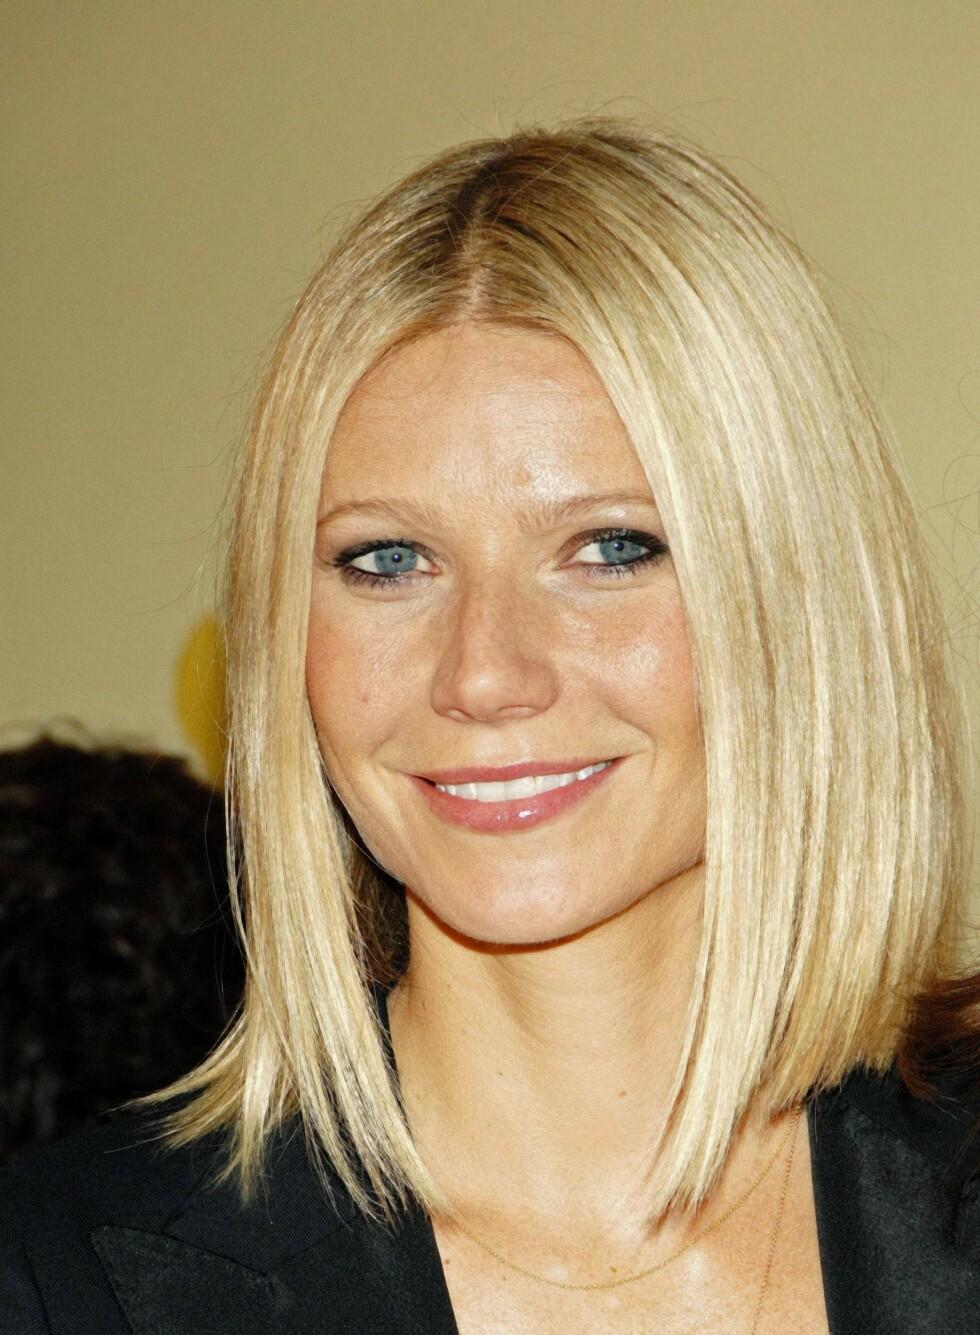 En lang bob som Gwyneth Paltrow har her passer godt til runde ansiktsformer, for den vil smalne ansiktet. Den fungerer fint for både glatt og krøllete hår. Har du firkantet ansikt er det bedre å ha noen oppklippete lengder som vil gjøre uttrykket mykere. Foto: All Over Press